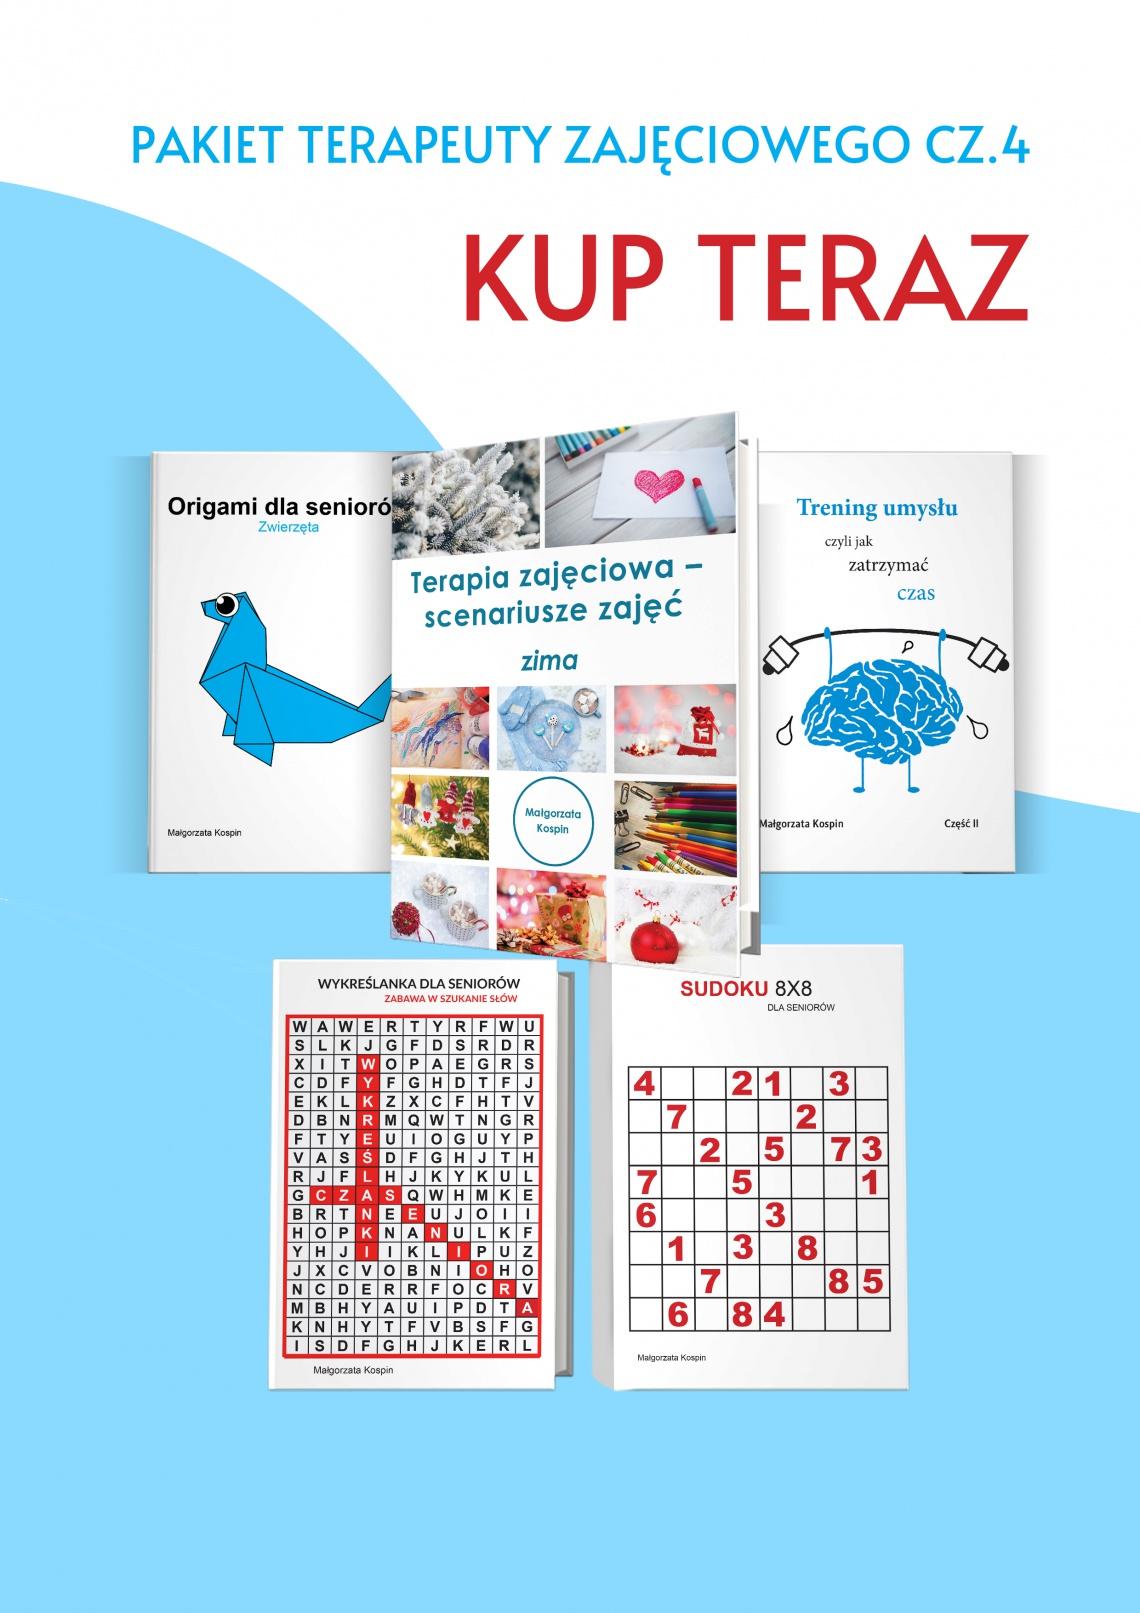 pakiet, senior, starość, osoby starsze, książki dla senioró, ćwiczenie pamięci, sudoku, origami, wykreślanka, trening umysłu